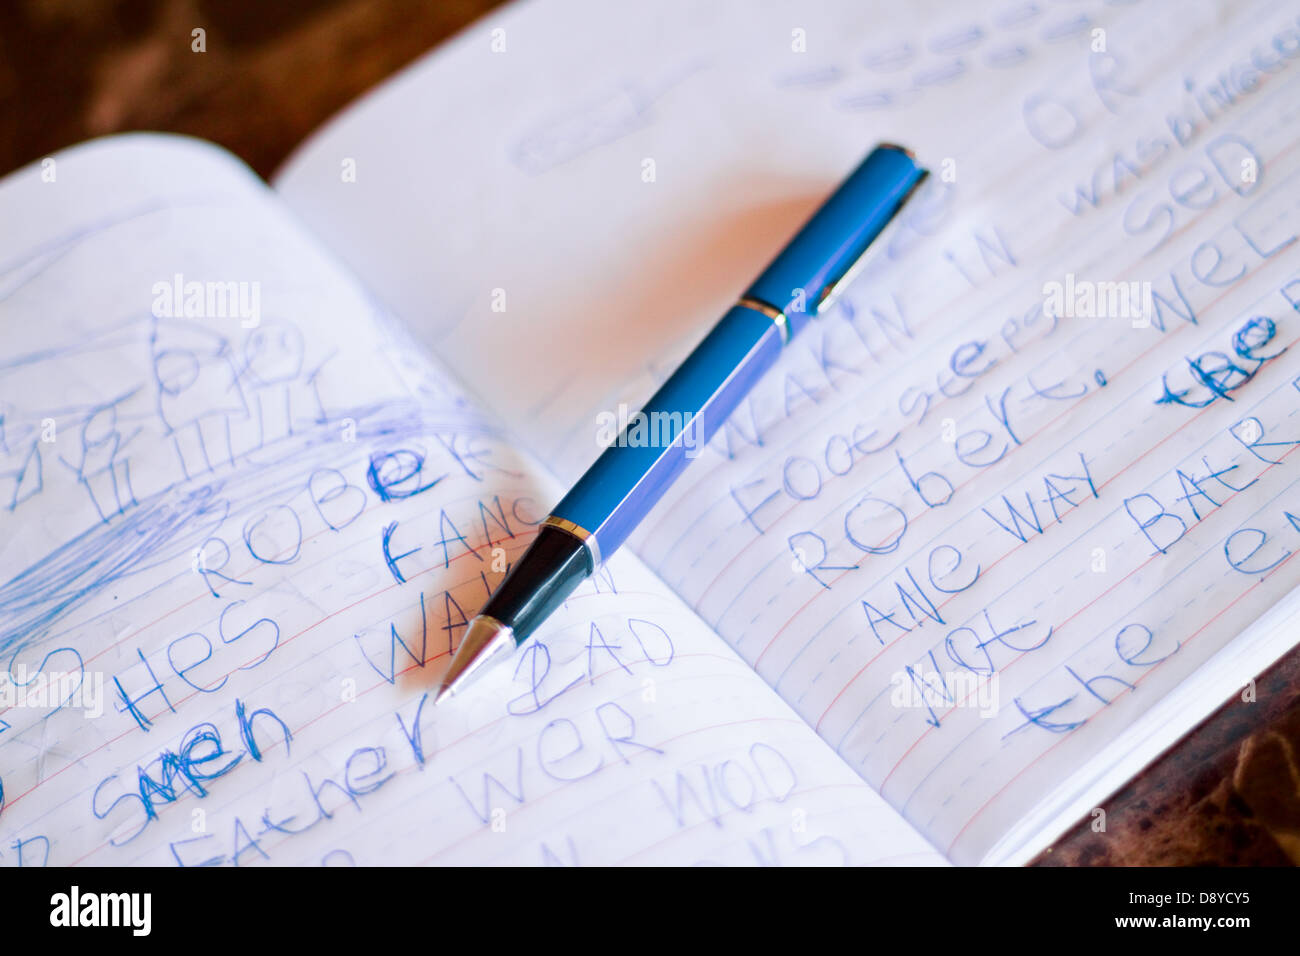 Un bambino la grafia in un ufficiale per imparare a scrivere Immagini Stock